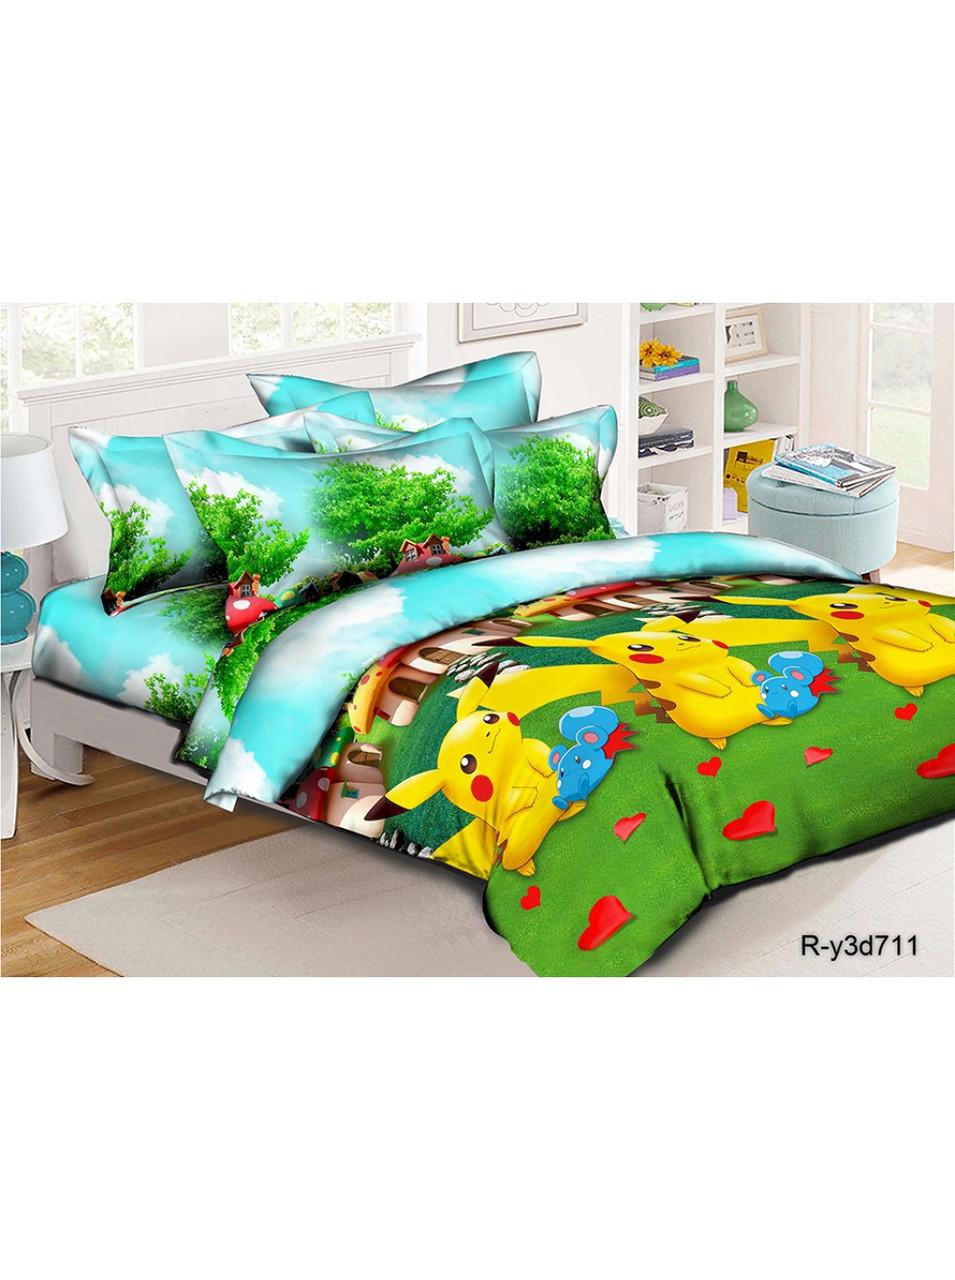 Комплект детского постельного белья ранфорс Пикачу